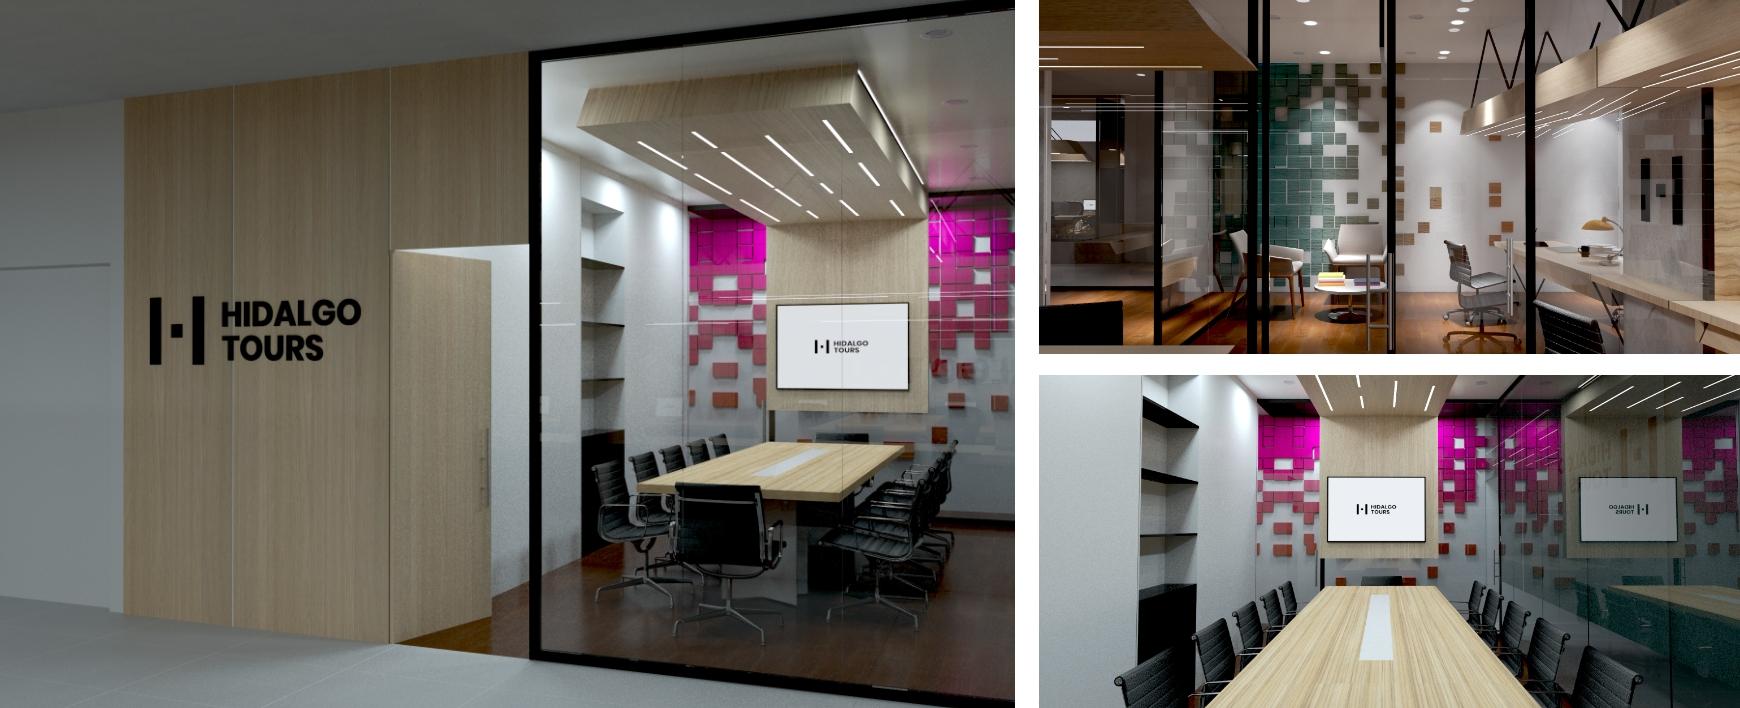 atiblo-consultora-de-marca-proyectos-hidalgo-tours-oficina-retail-marcario